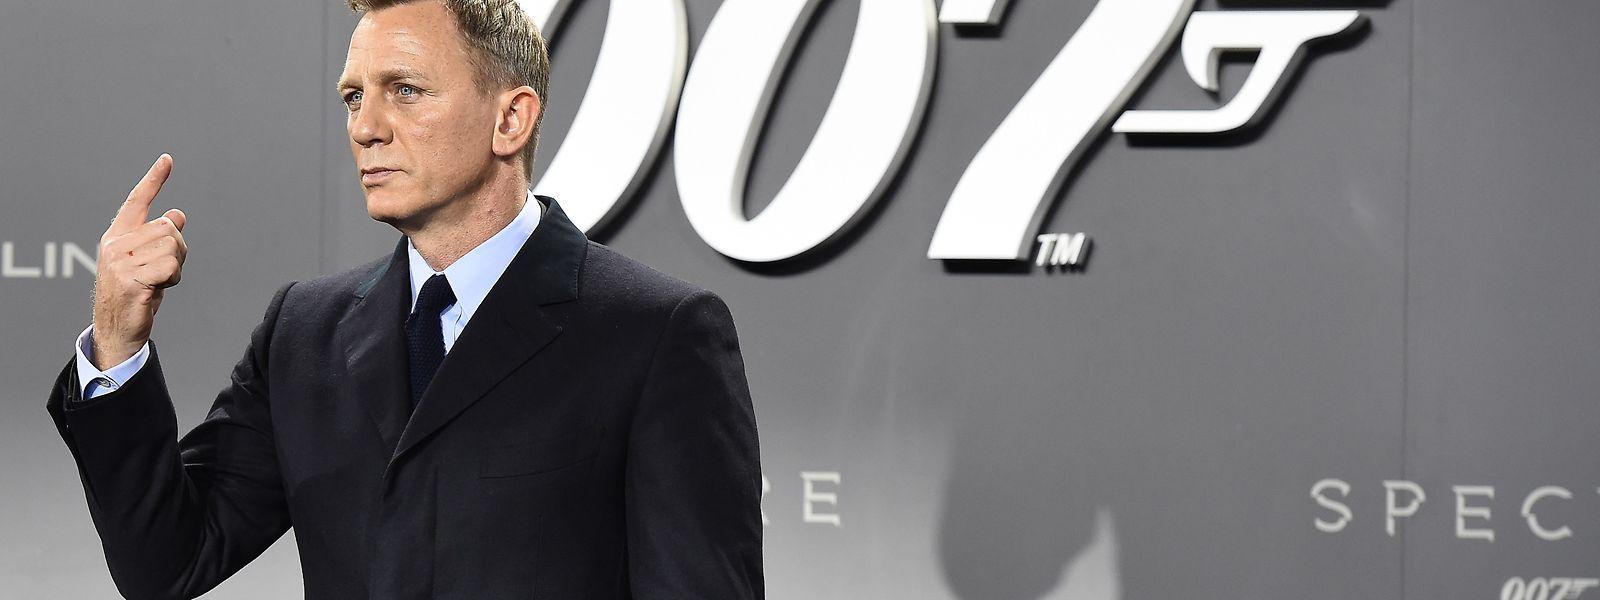 """o britânico Daniel Craig interpreta o papel de 007, depois de """"Casino Royale"""" (2006), """"Quantum of Solace"""" (2008), """"Skyfall"""" (2012) e """"Spectre"""" (2015)."""